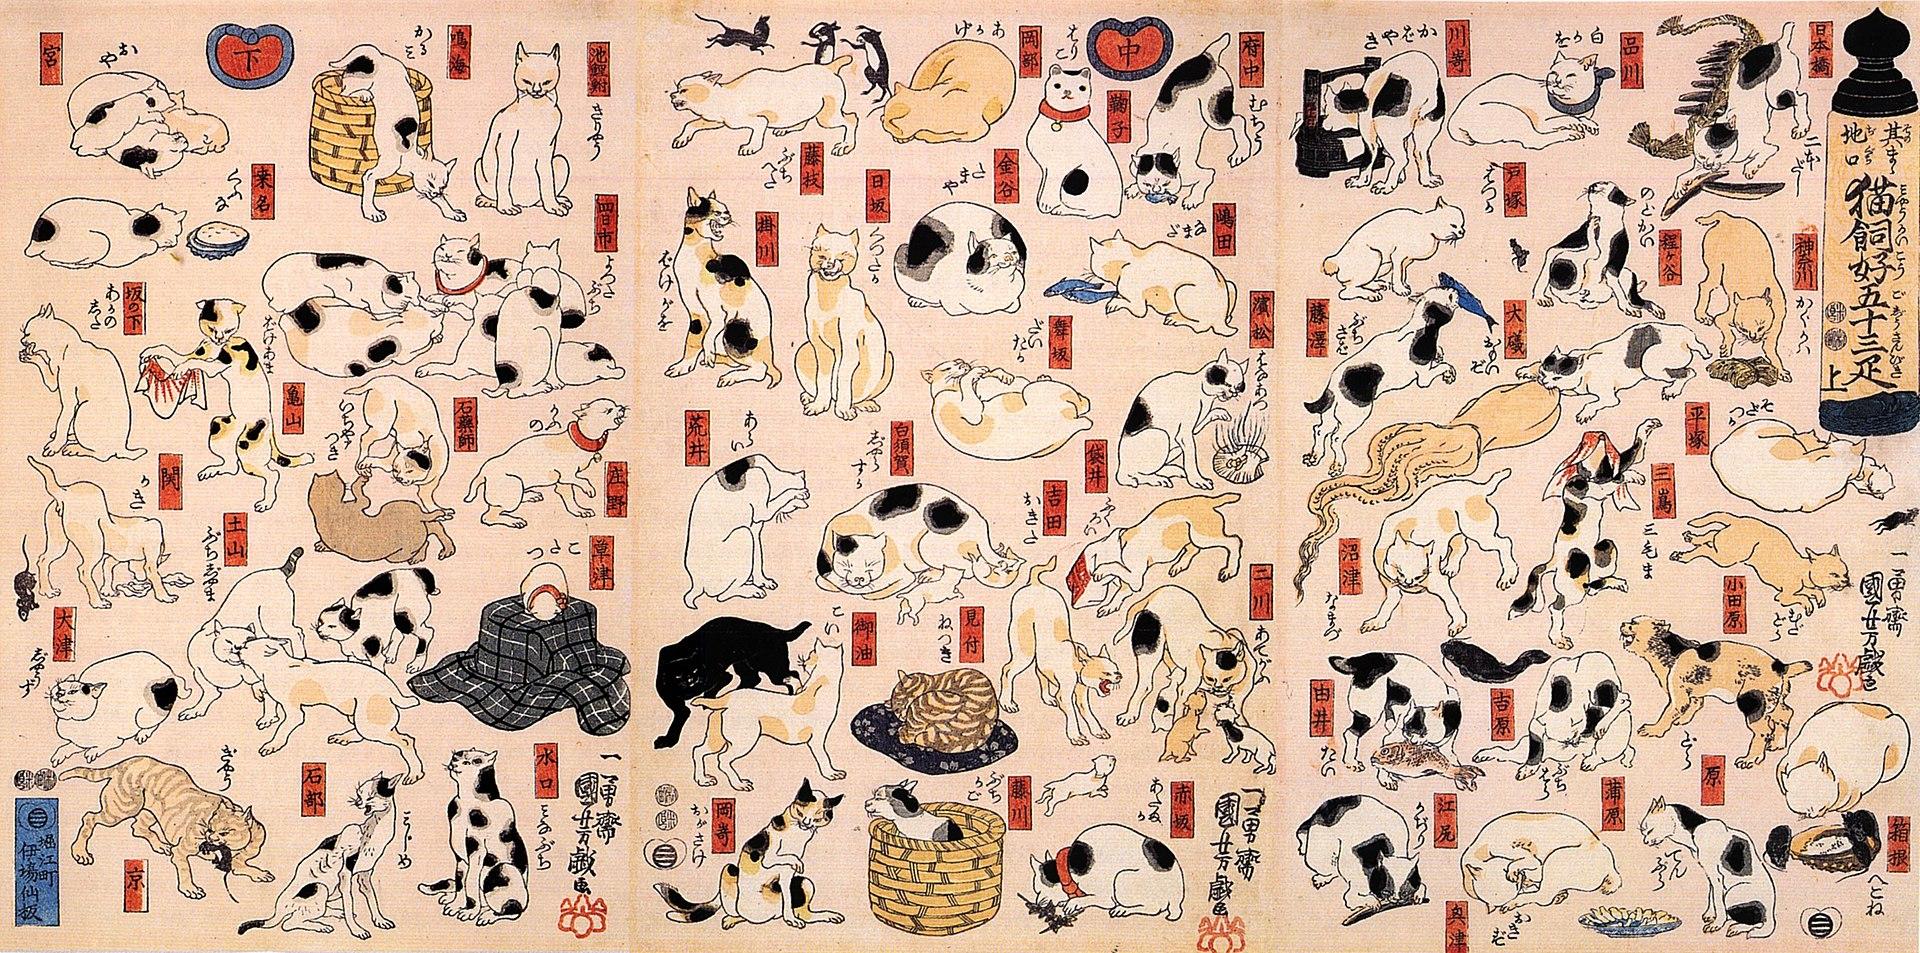 日本浮世繪 x 貓